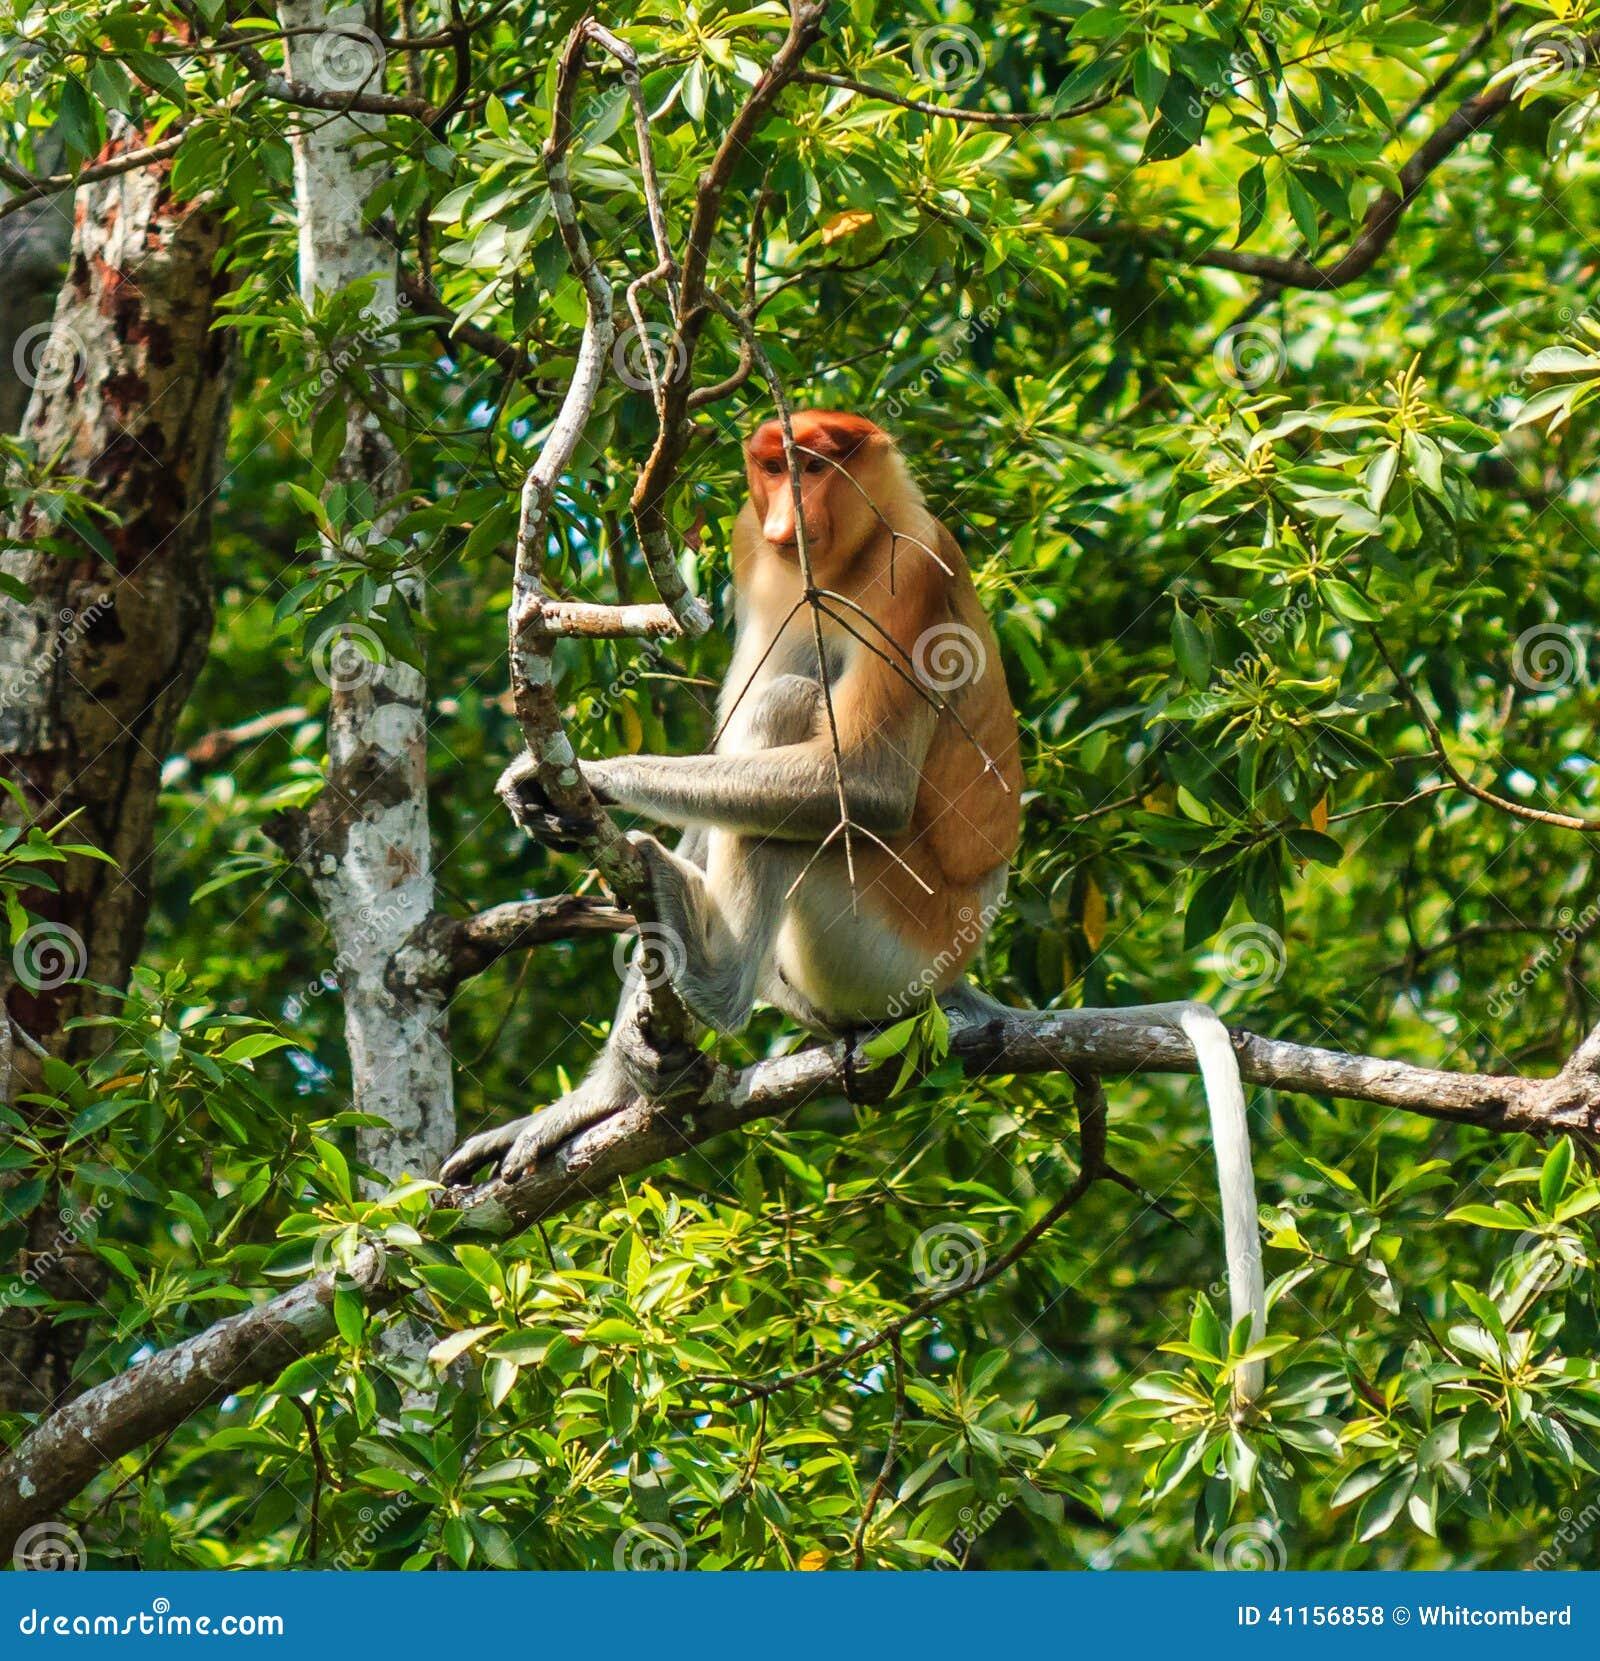 Single Proboscis Monkey sitting in a tree